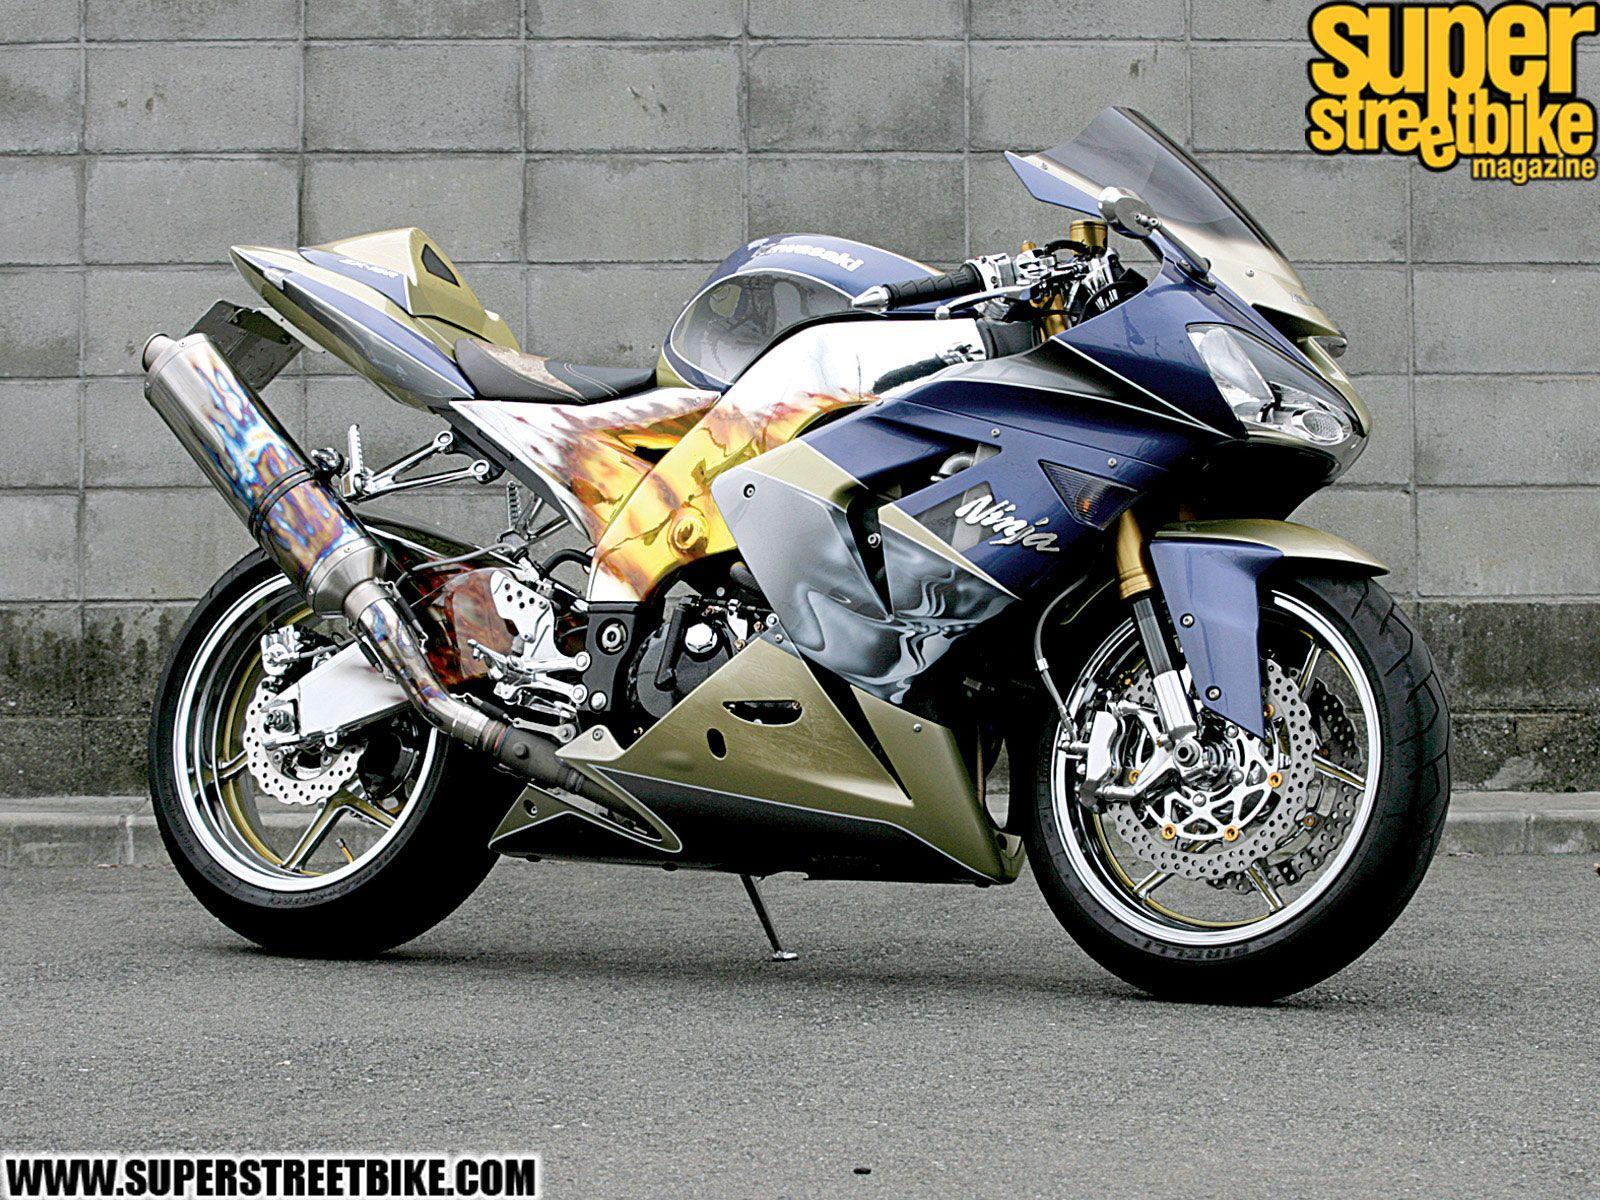 2005 Kawasaki Ninja Zx10R – Idea di immagine del motociclo